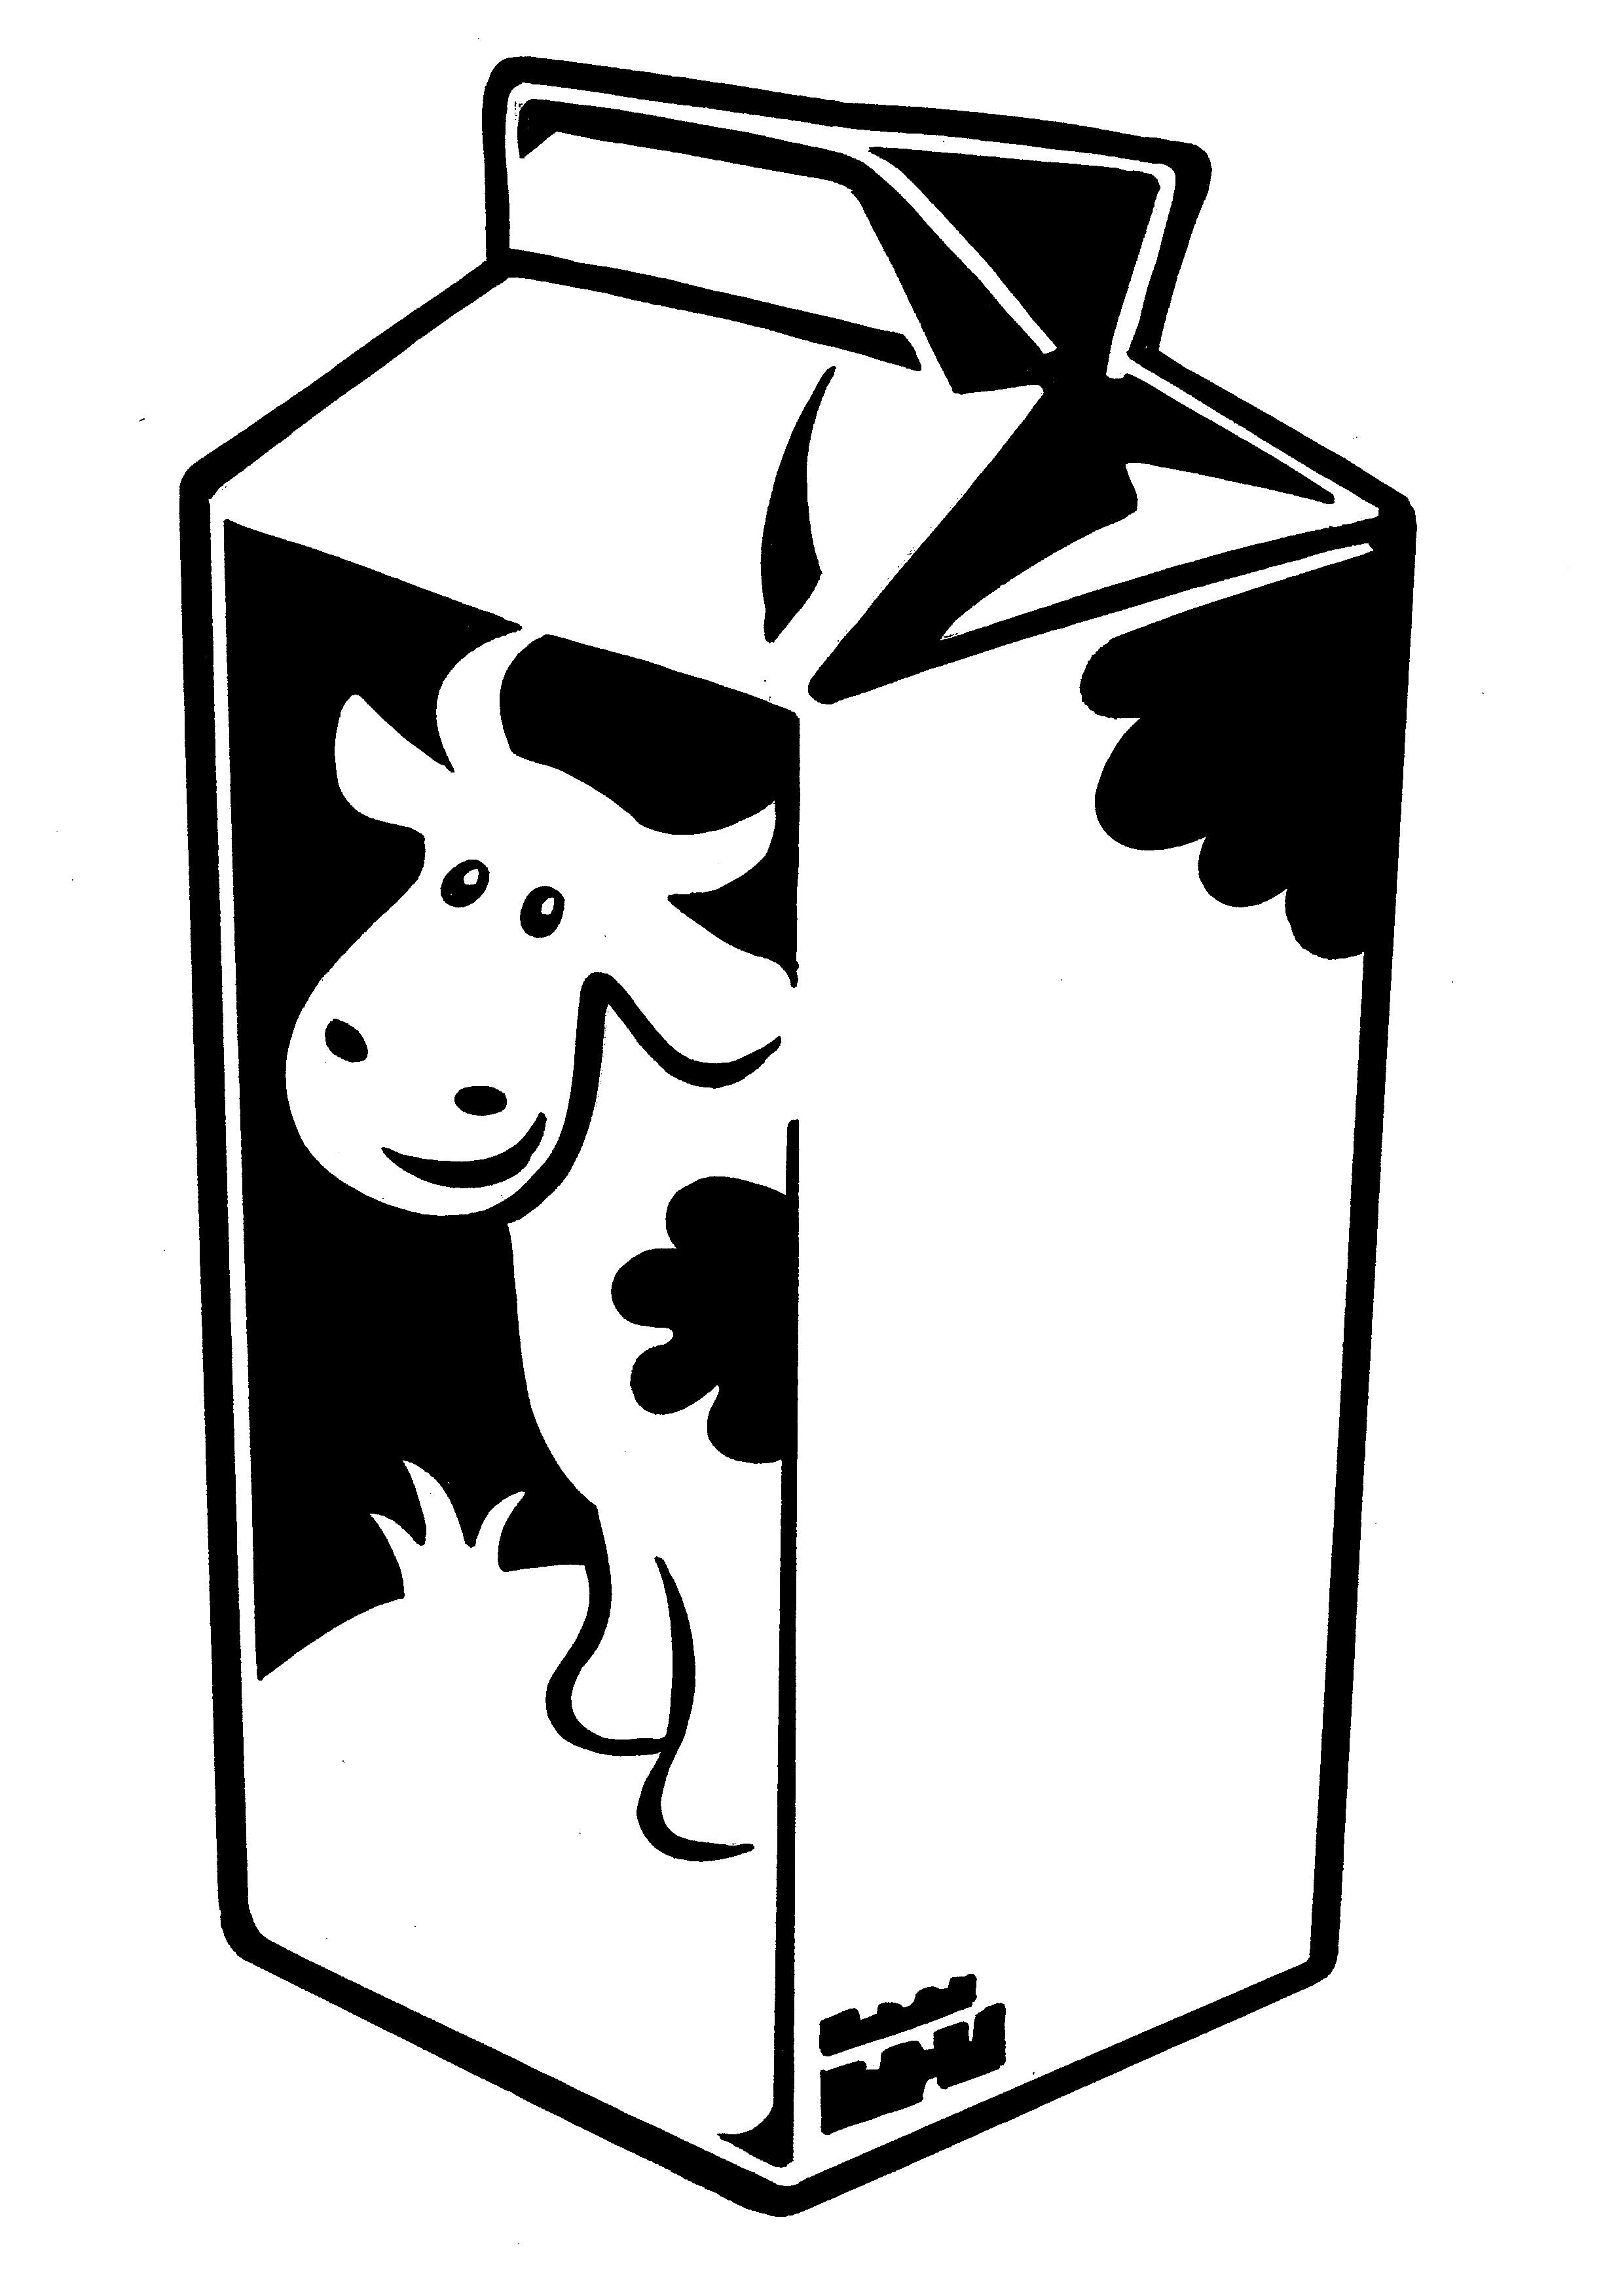 Milk Carton clipart #7